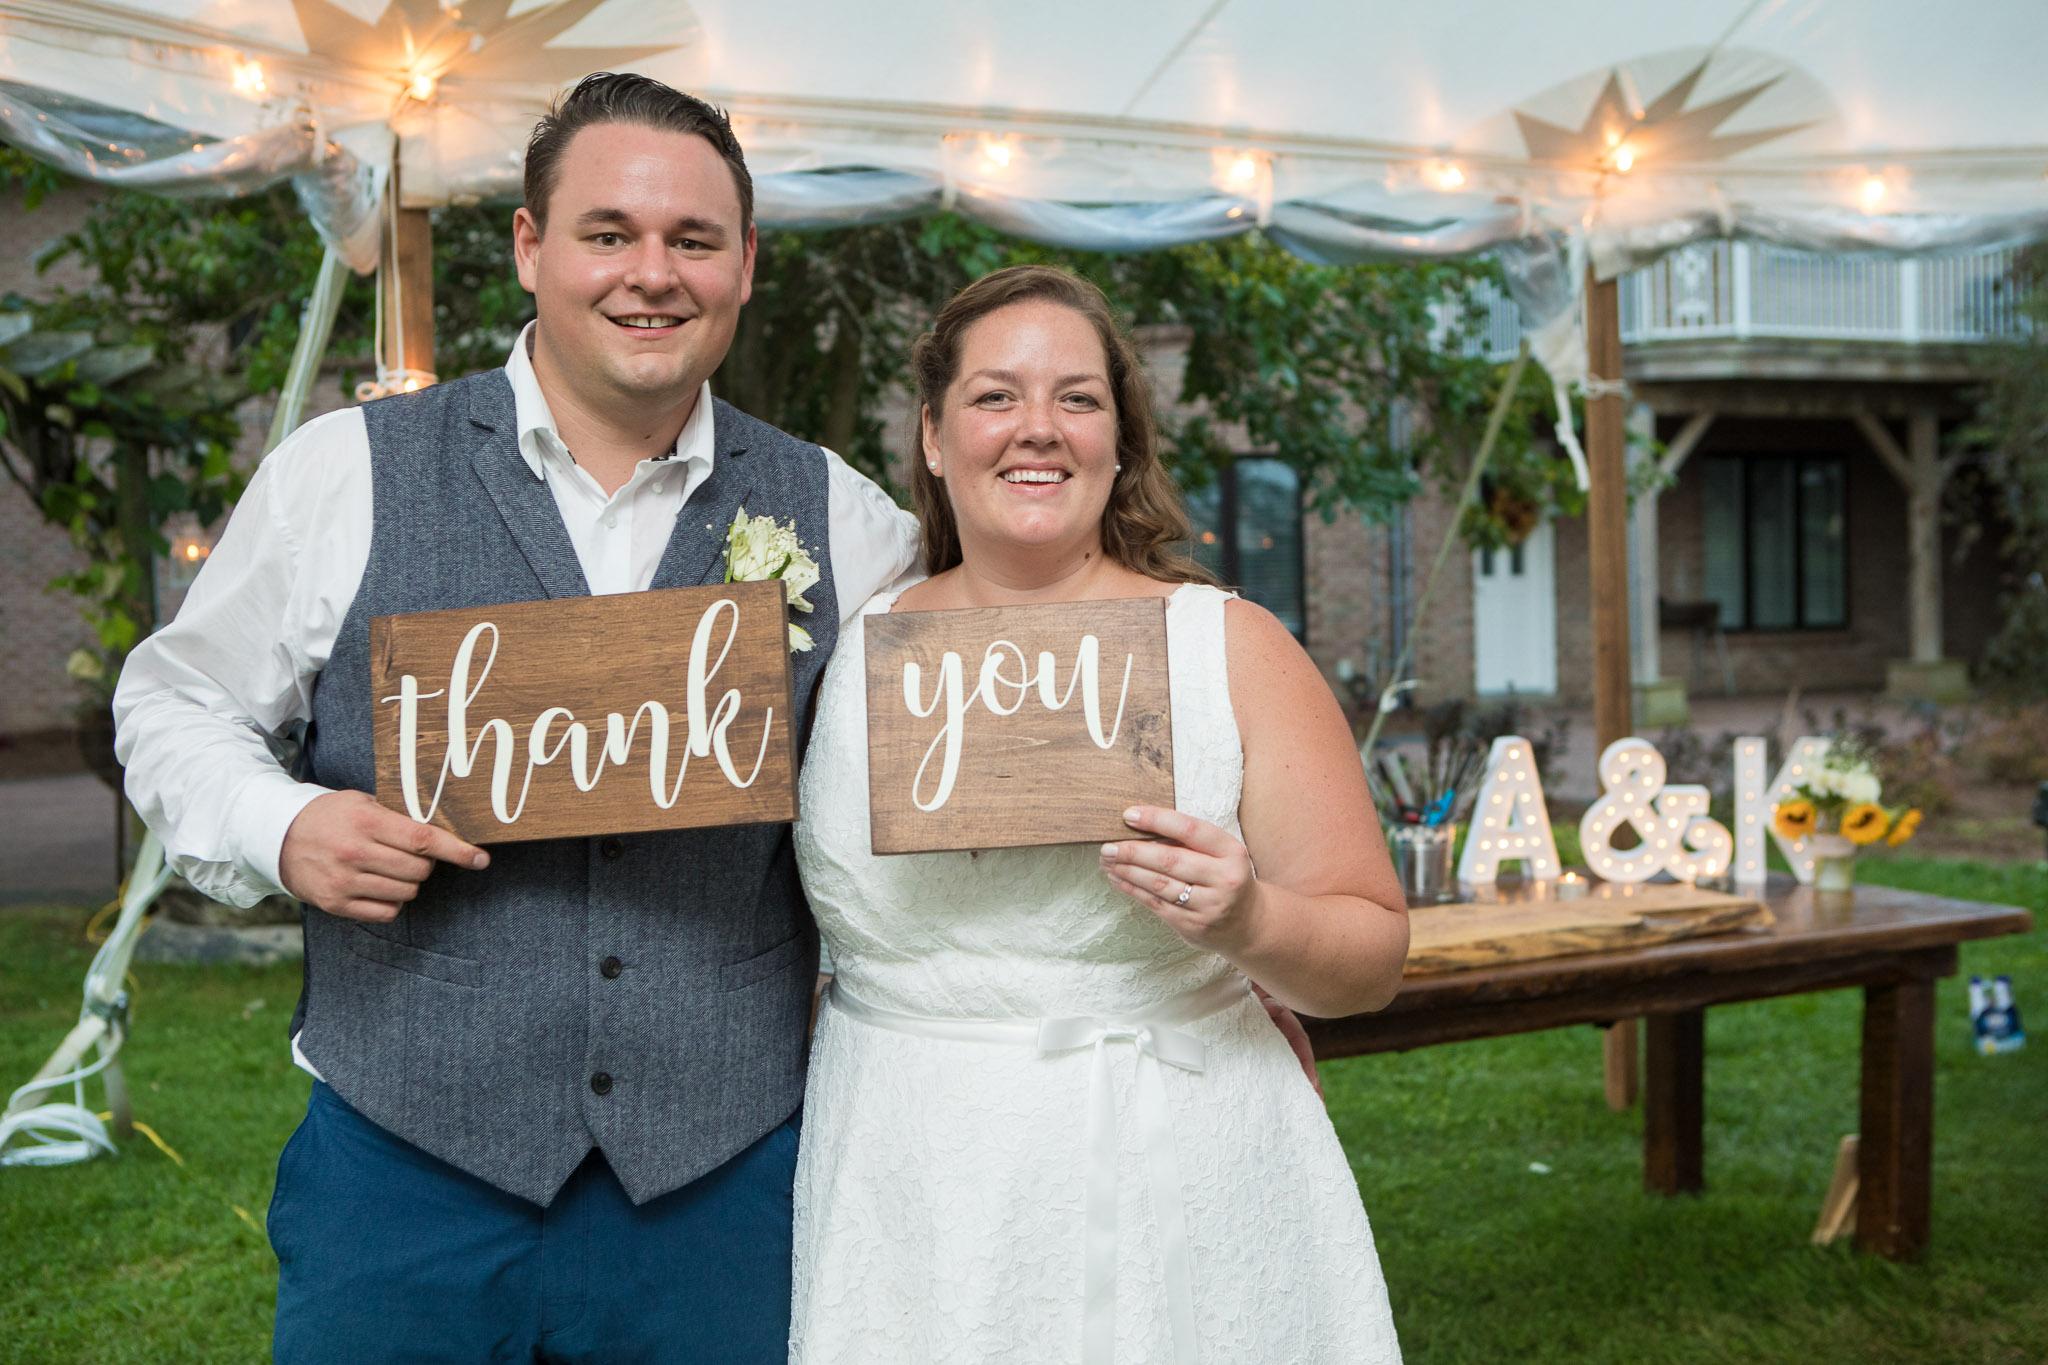 katy-aleks-wedding-shayne-gray-7391.jpg